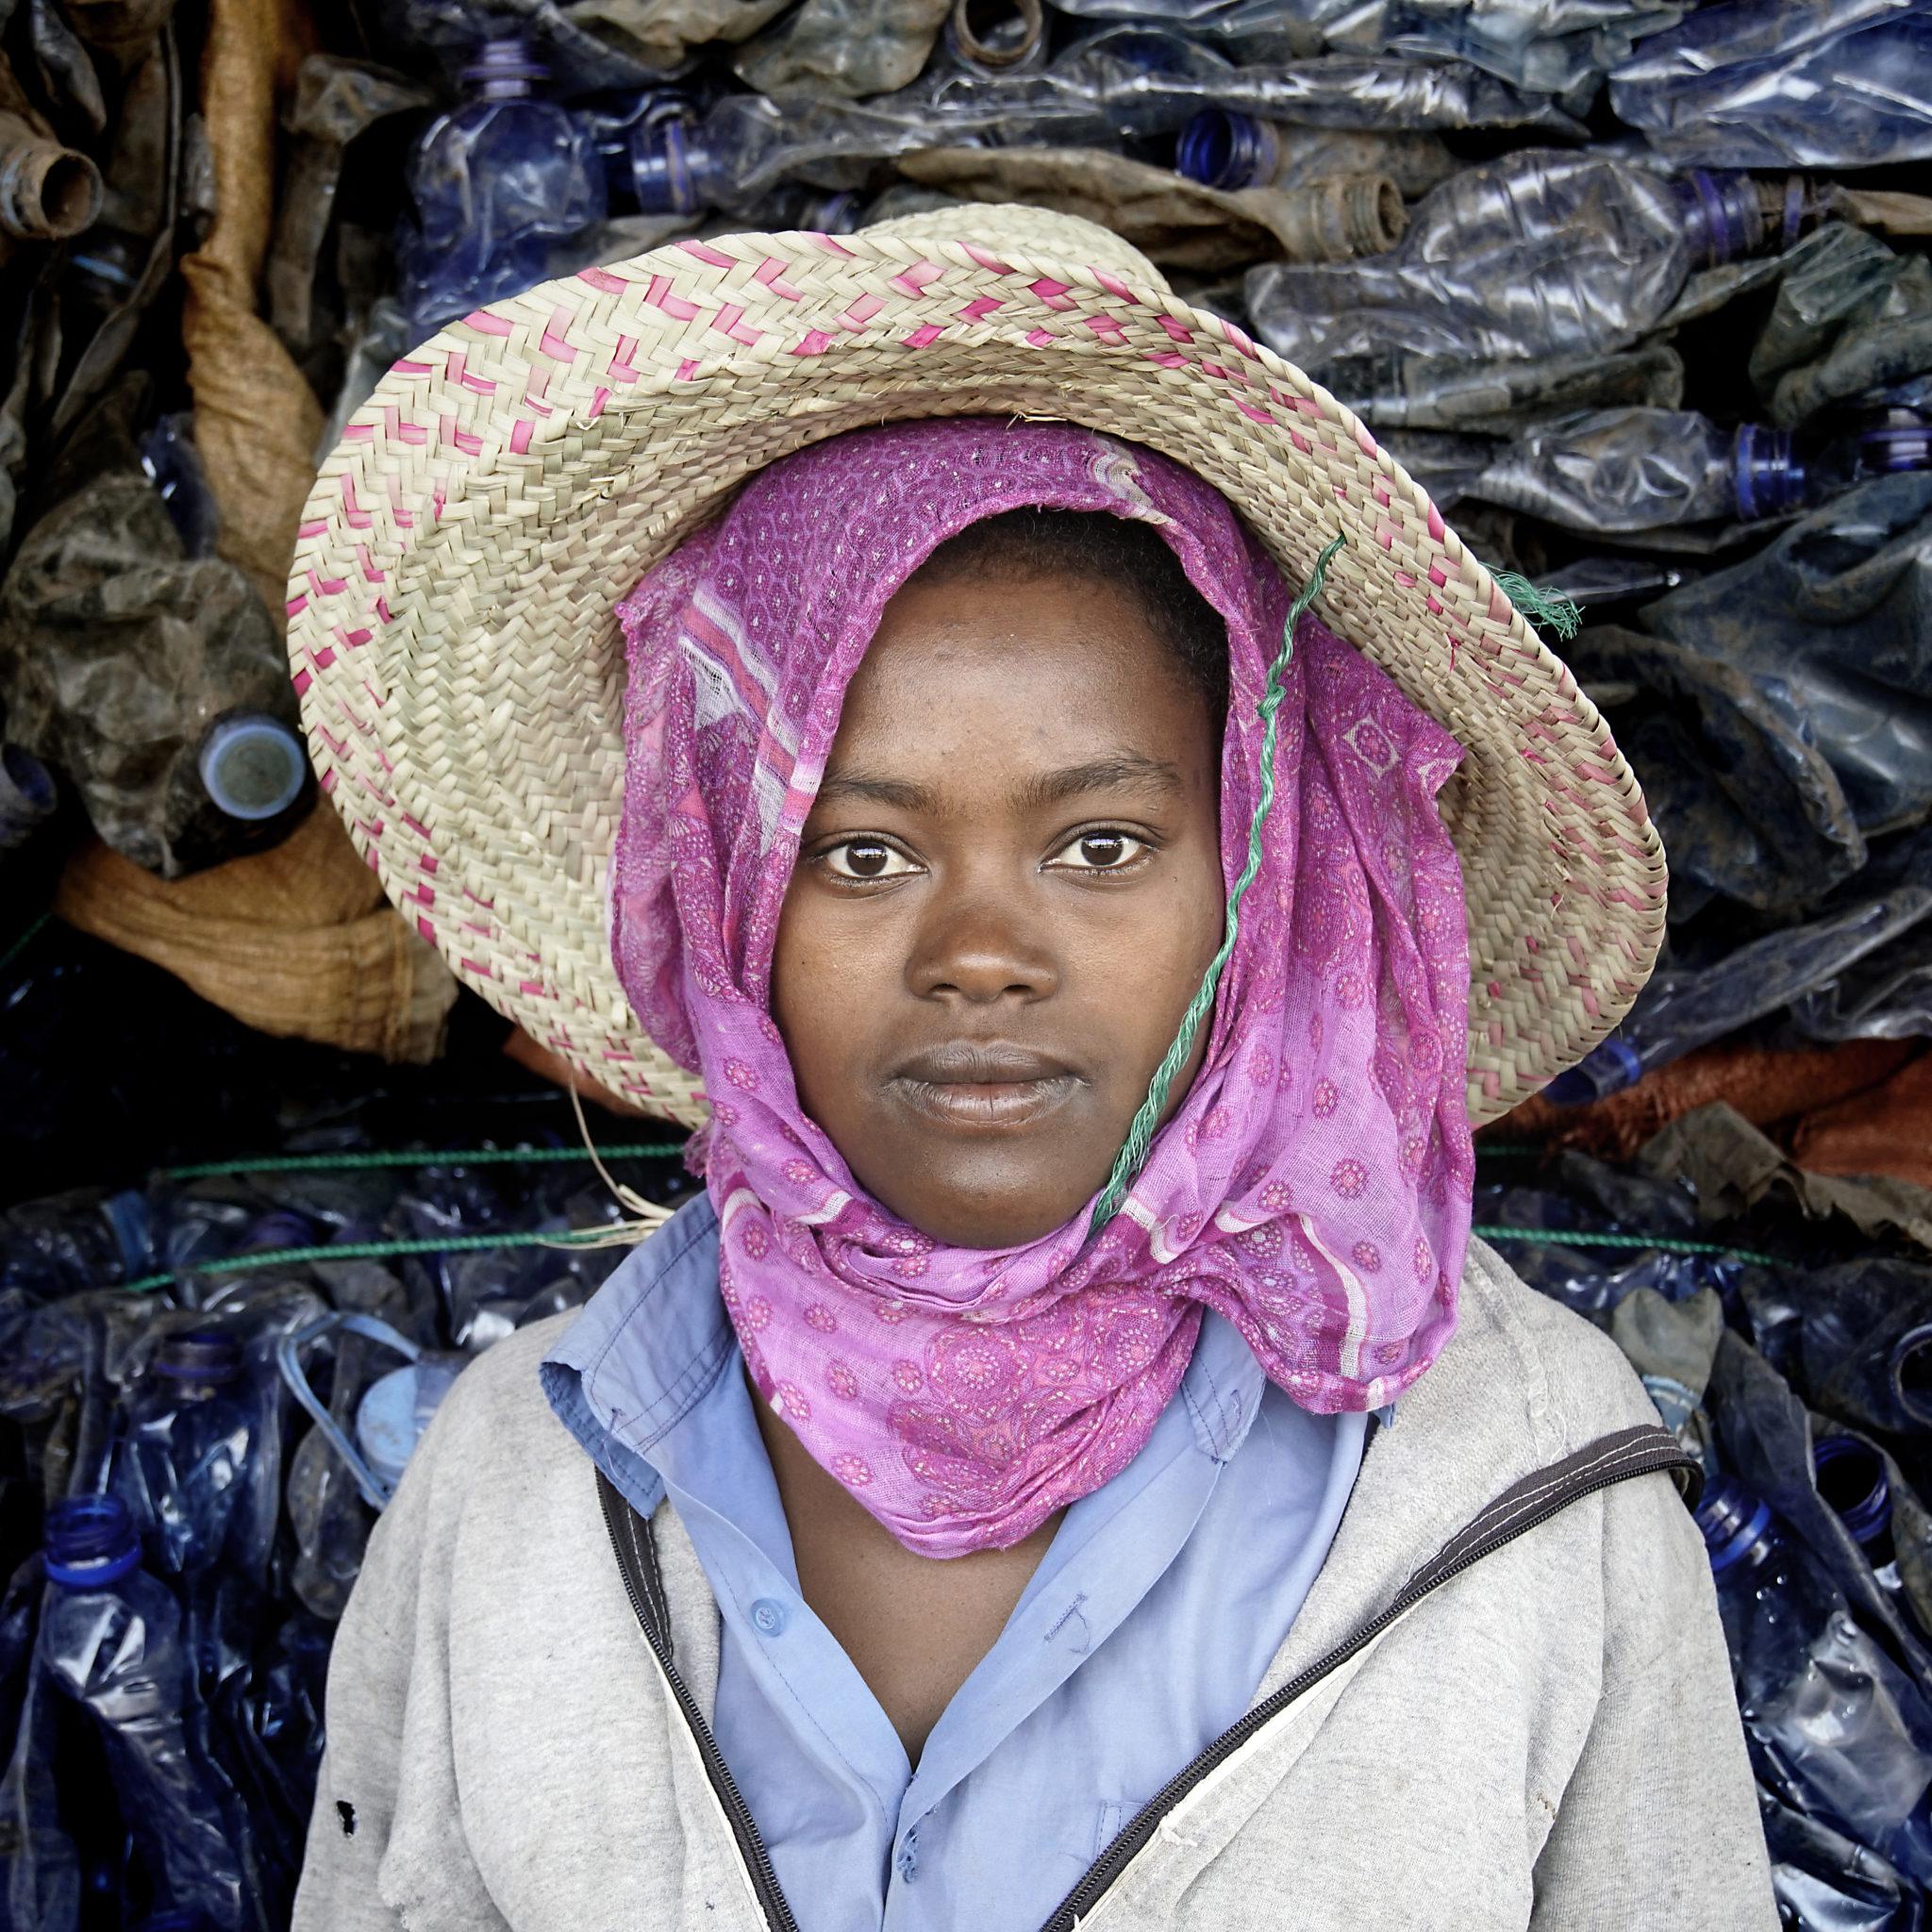 Tumma nuori nainen katsoo kameraan. Muovipulloja näkyy taustalla.